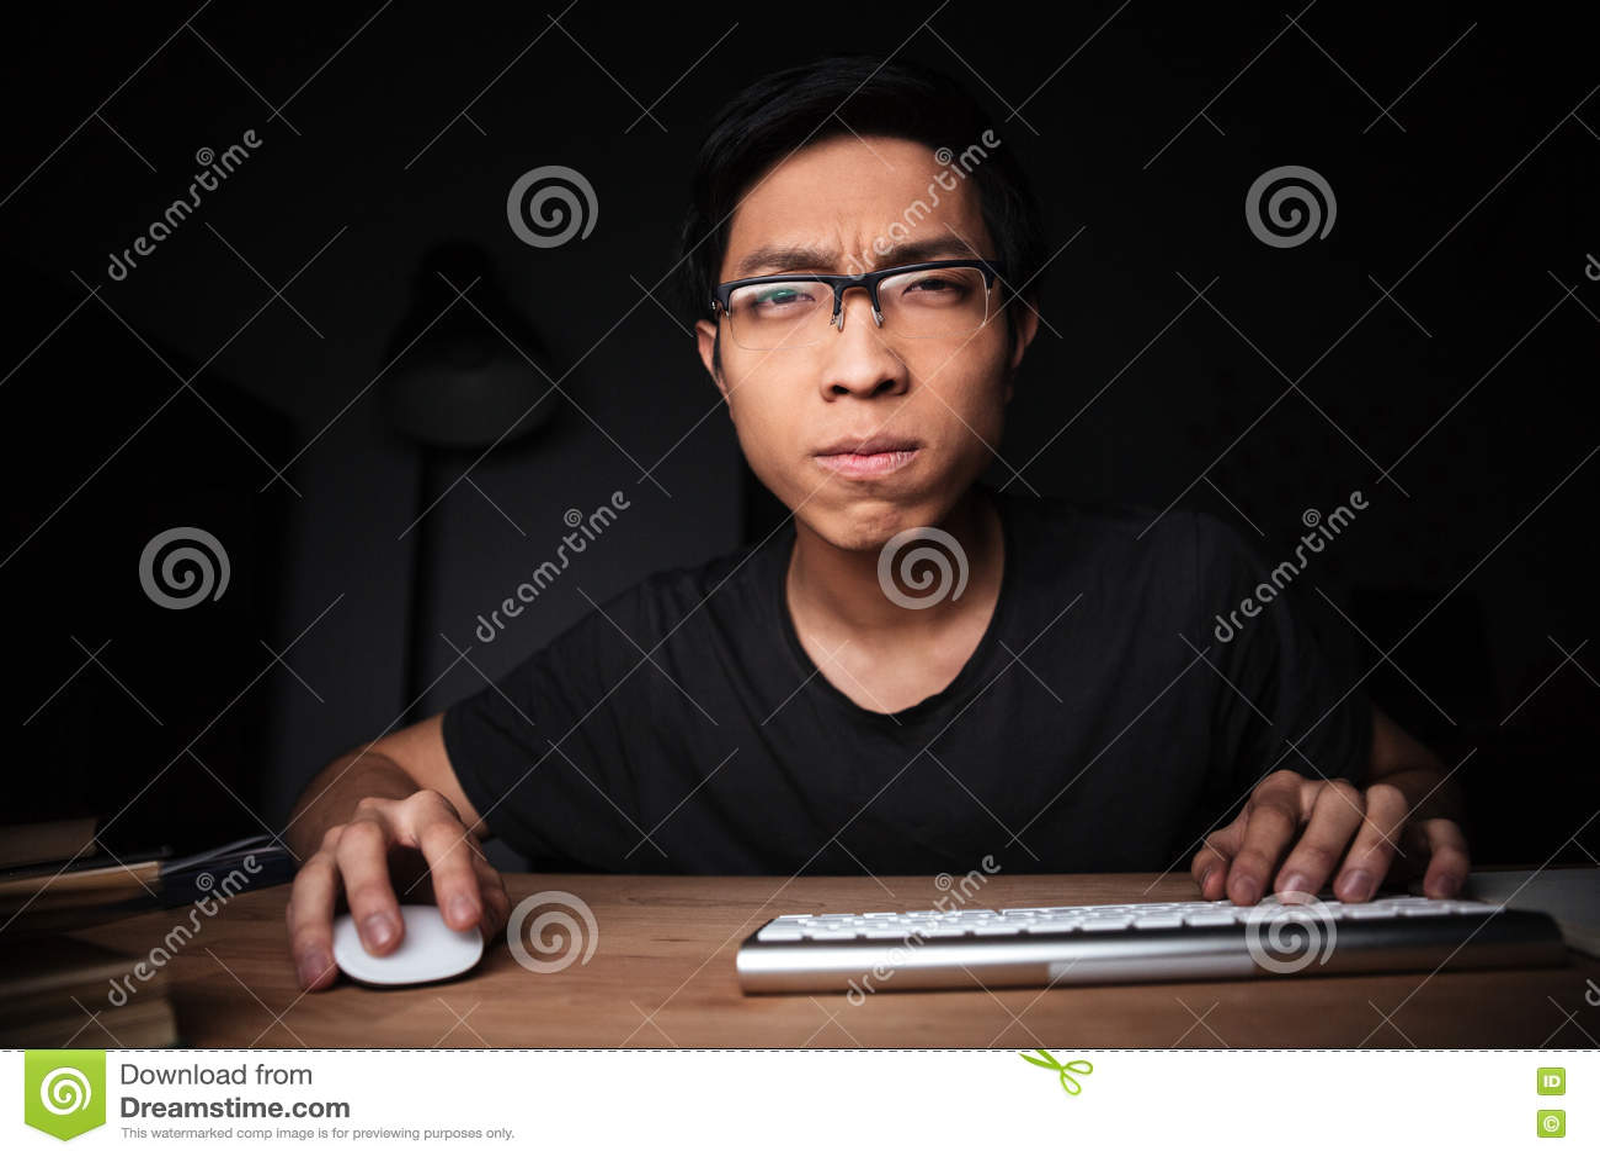 Συγκεντρωμένο άτομο στα γυαλιά που λειτουργούν με τον υπολογιστή